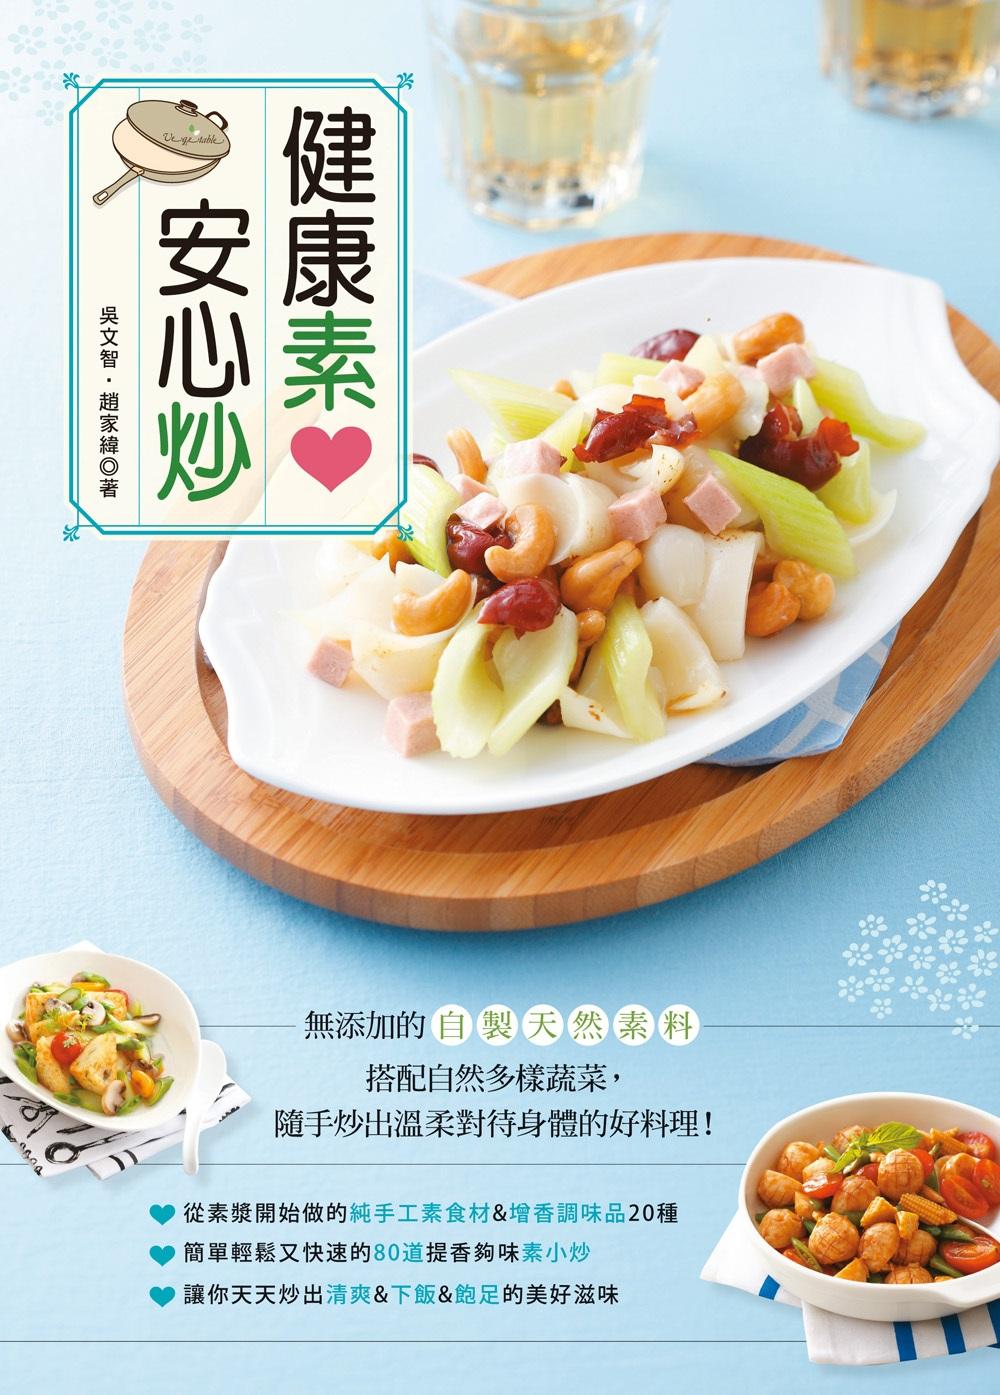 健康素?安心炒:無添加的自製天然素料,搭配自然多樣蔬菜,隨手炒出溫柔對待身體的好料理!